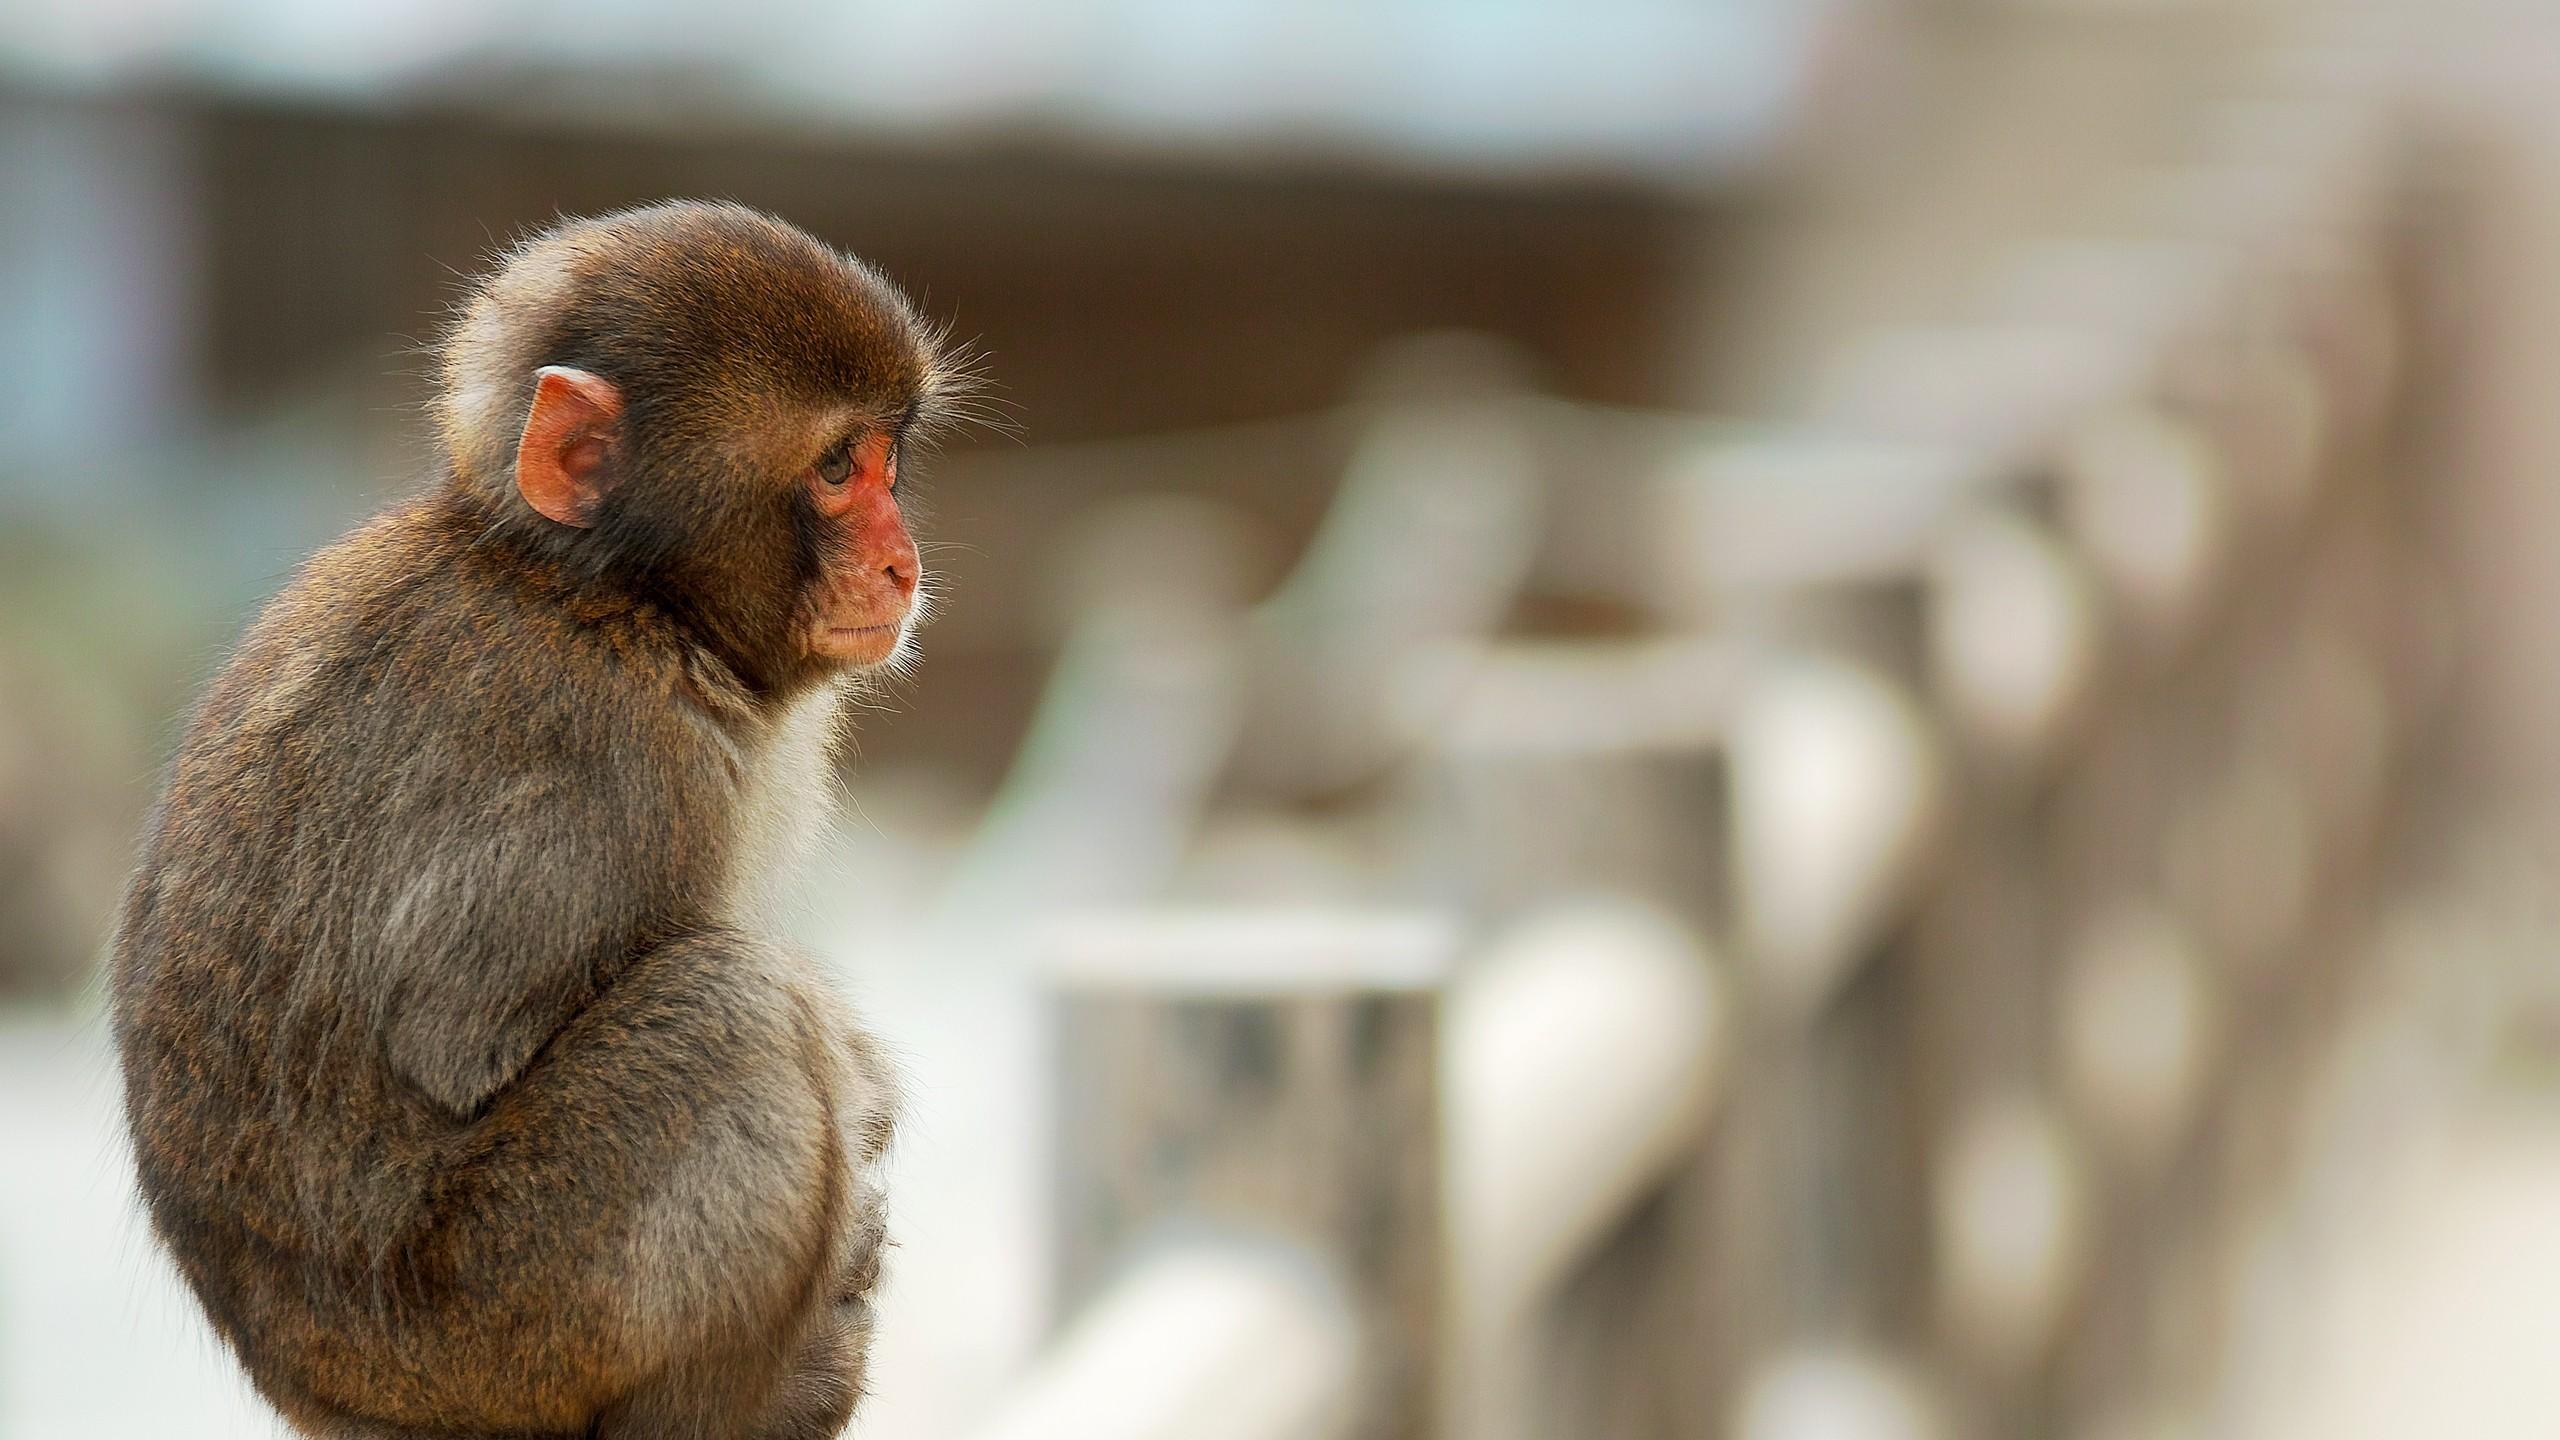 Wallpaper monkey, sitting, small